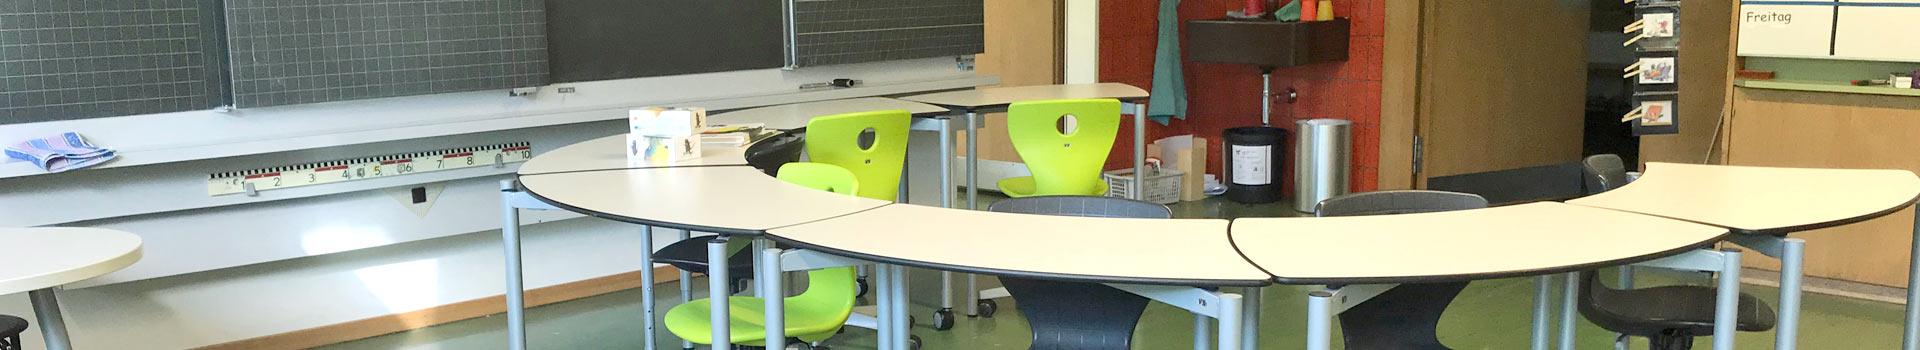 schoenengrund-primarschule-header-08.jpg